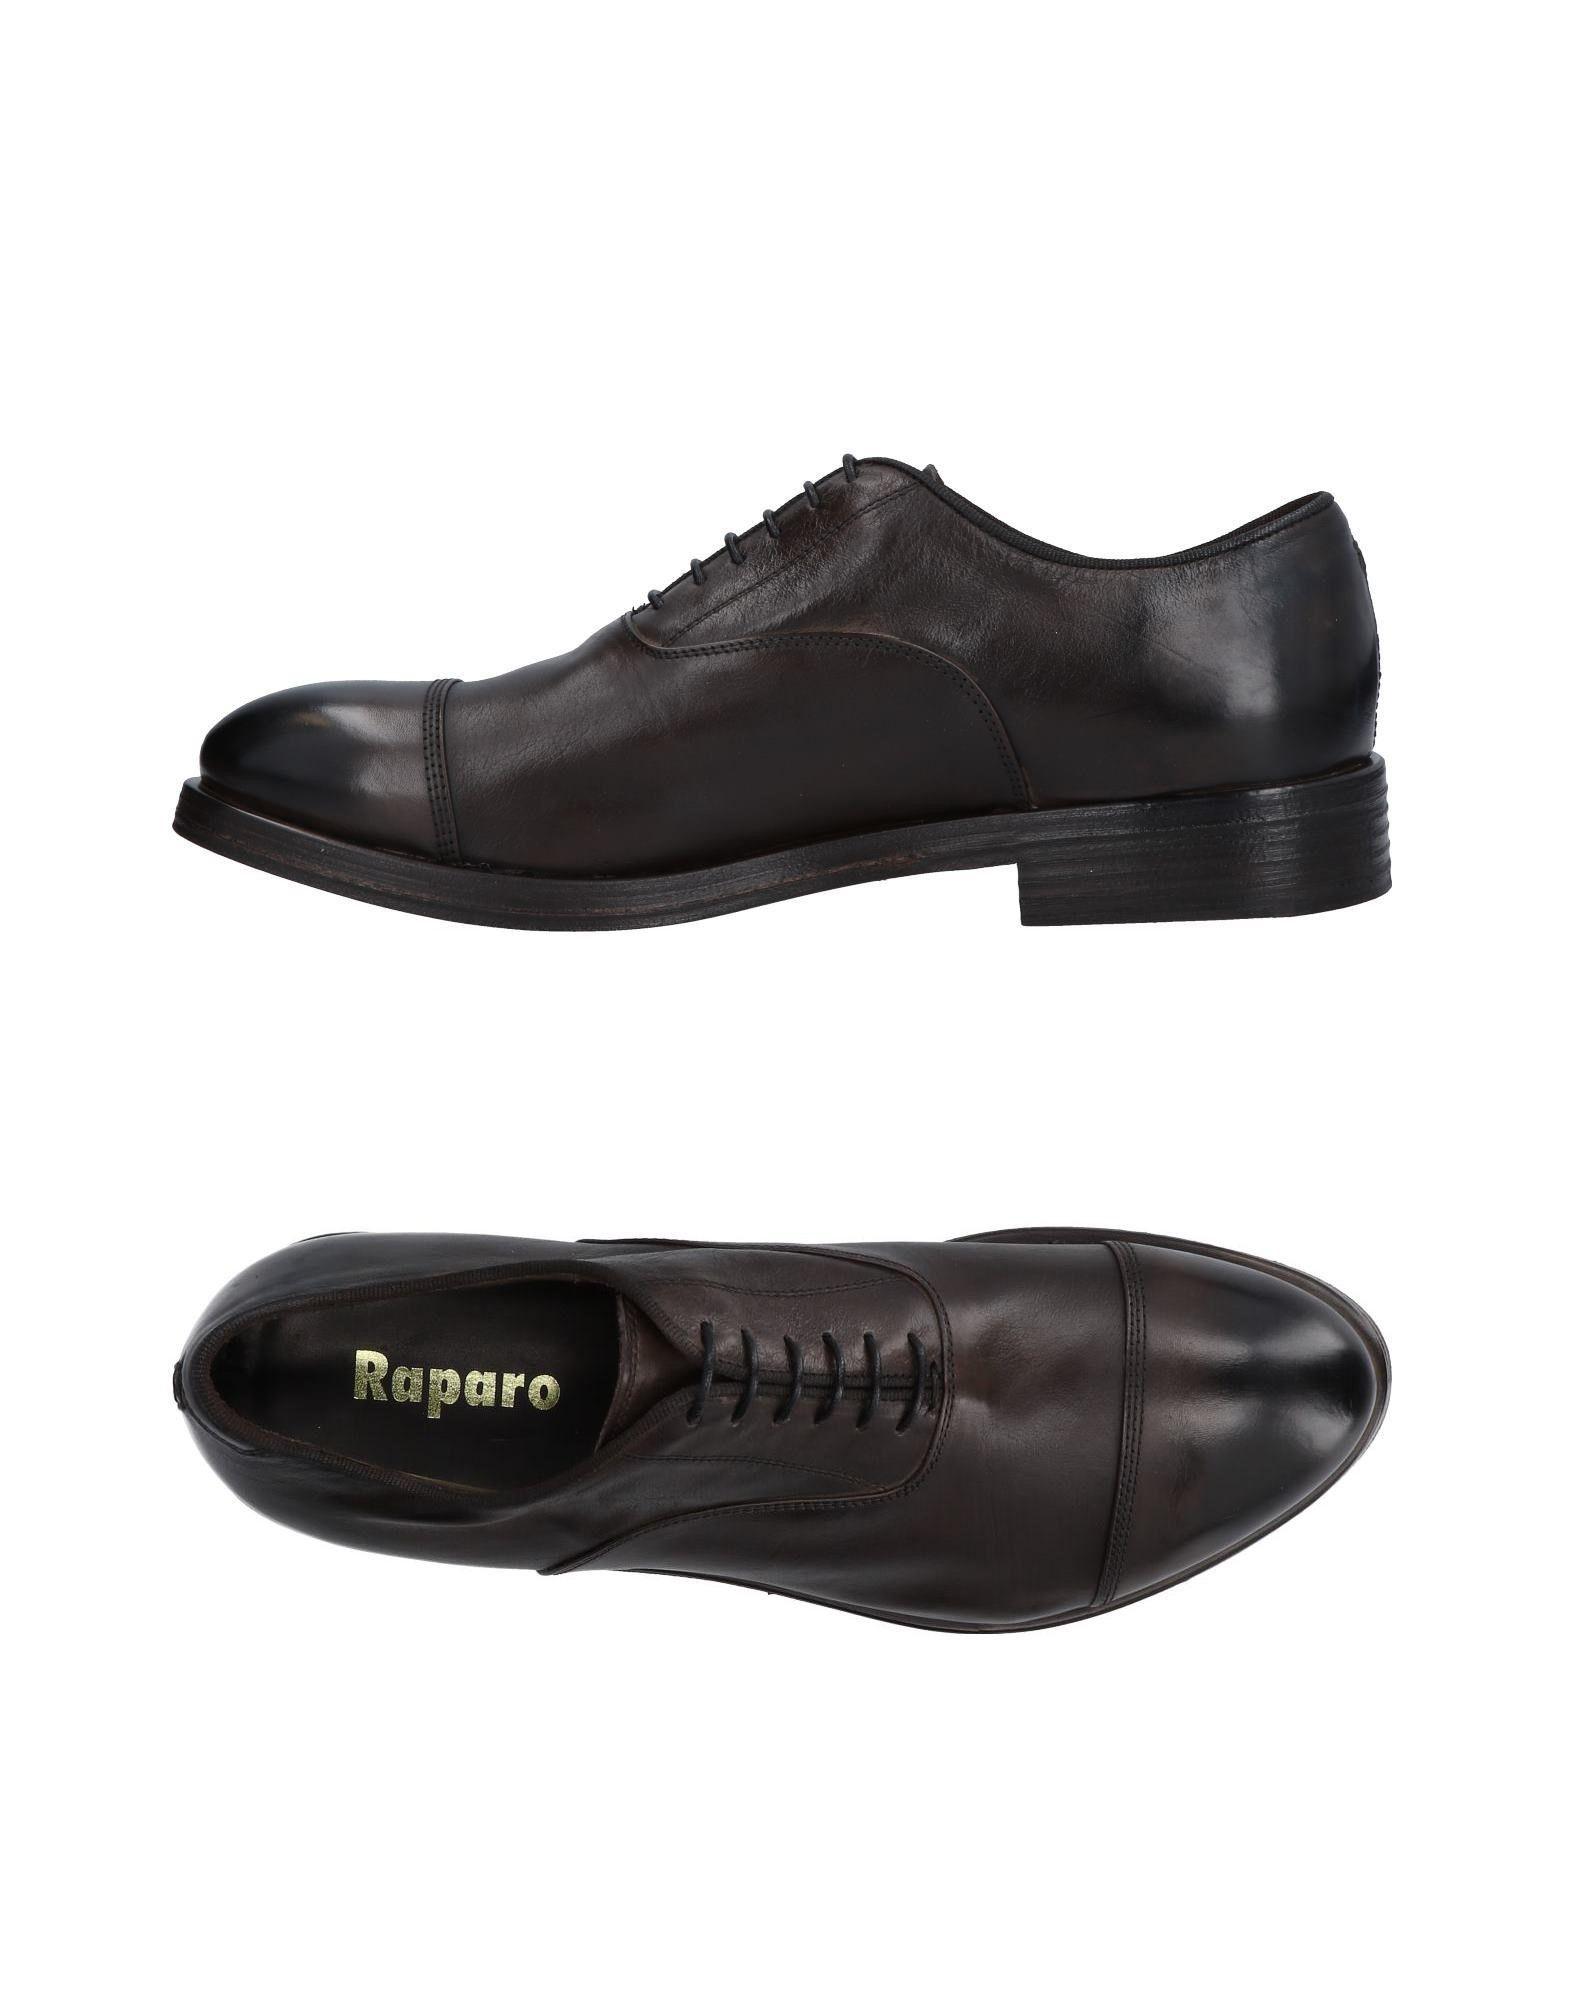 Raparo Schnürschuhe Herren Heiße  11475345LT Heiße Herren Schuhe 556857